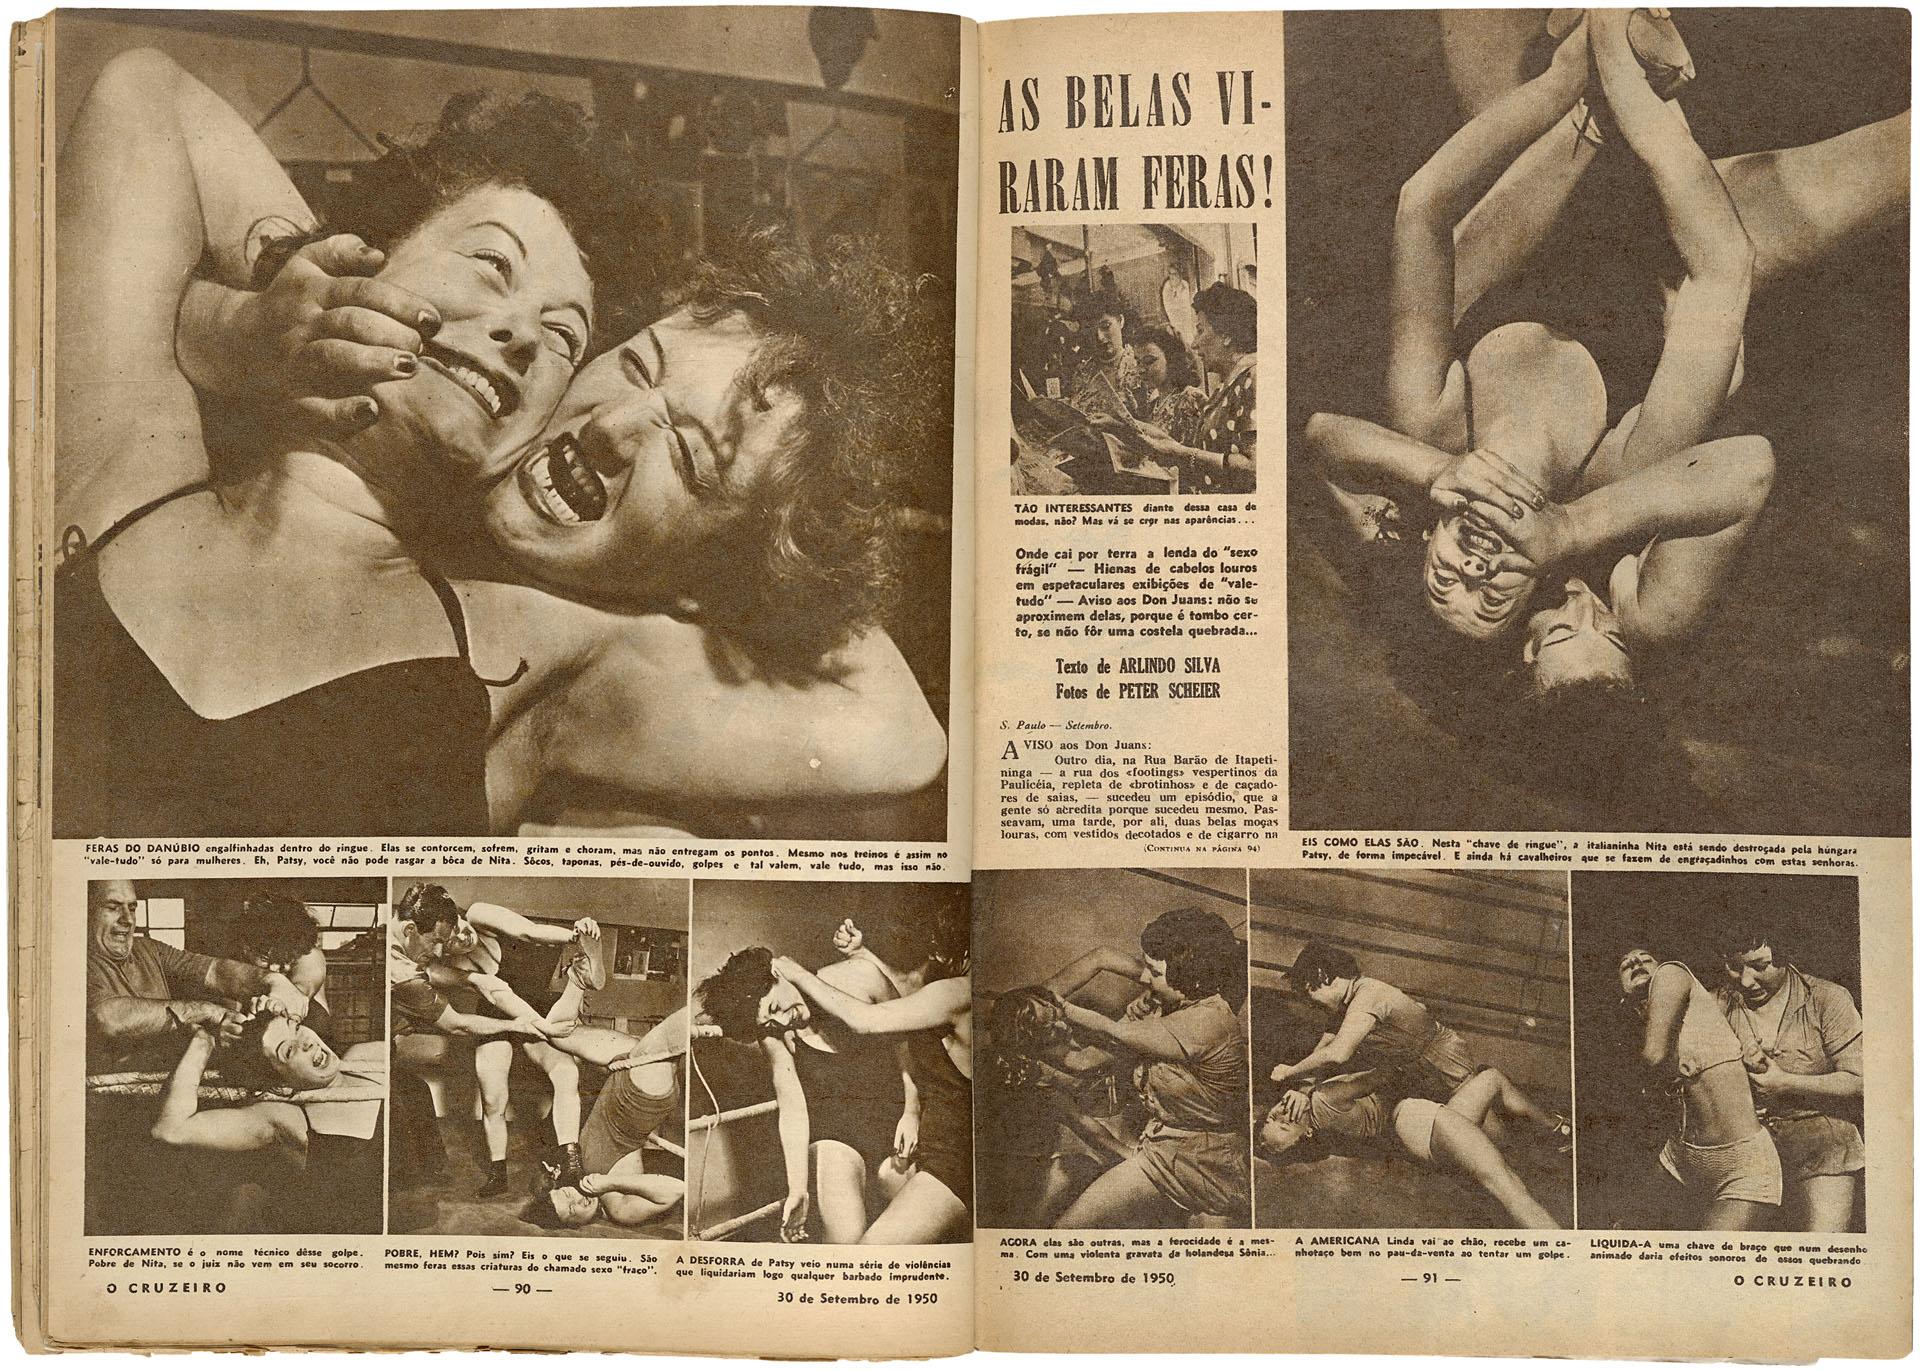 """Reportagem """"As belas viraram feras"""". Fotos de Peter Scheier, texto de Arlindo Silva. Revista O Cruzeiro, ano XXII, n. 50. 30-9-1950, pp. 90-93 / Acervo IMS"""